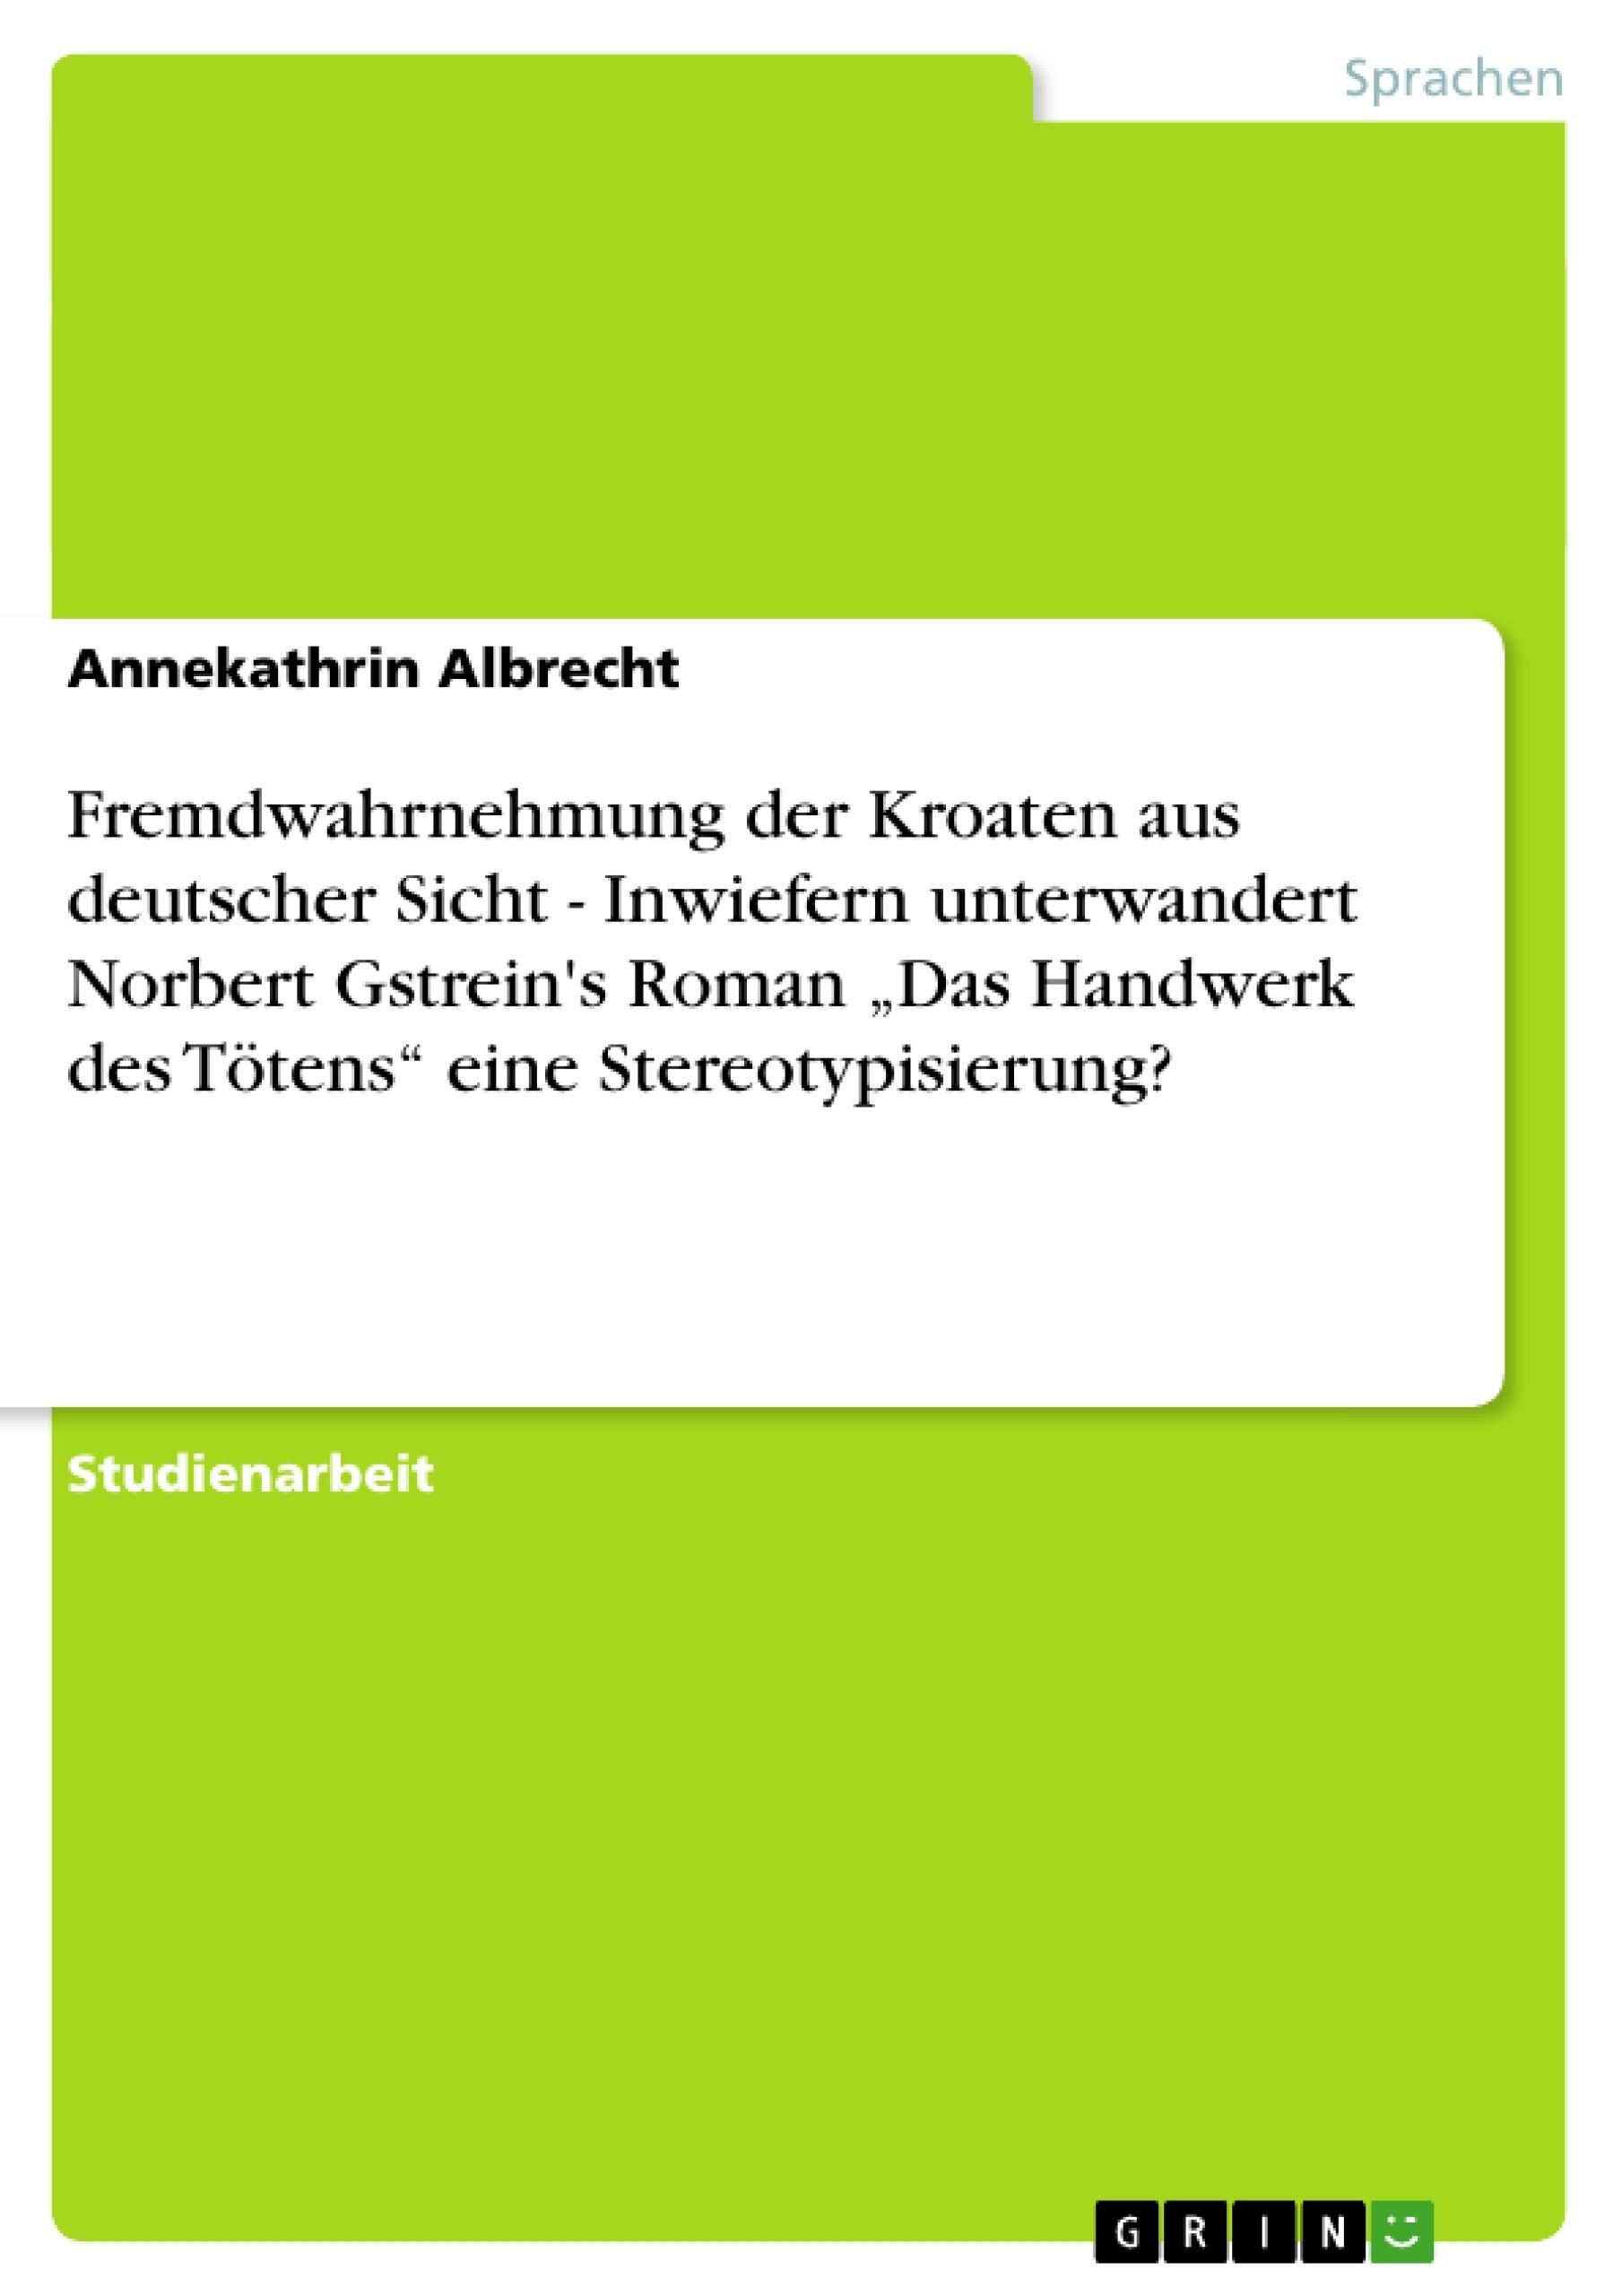 """Titel: Fremdwahrnehmung der Kroaten aus deutscher Sicht - Inwiefern unterwandert Norbert Gstrein's Roman """"Das Handwerk des Tötens"""" eine Stereotypisierung?"""